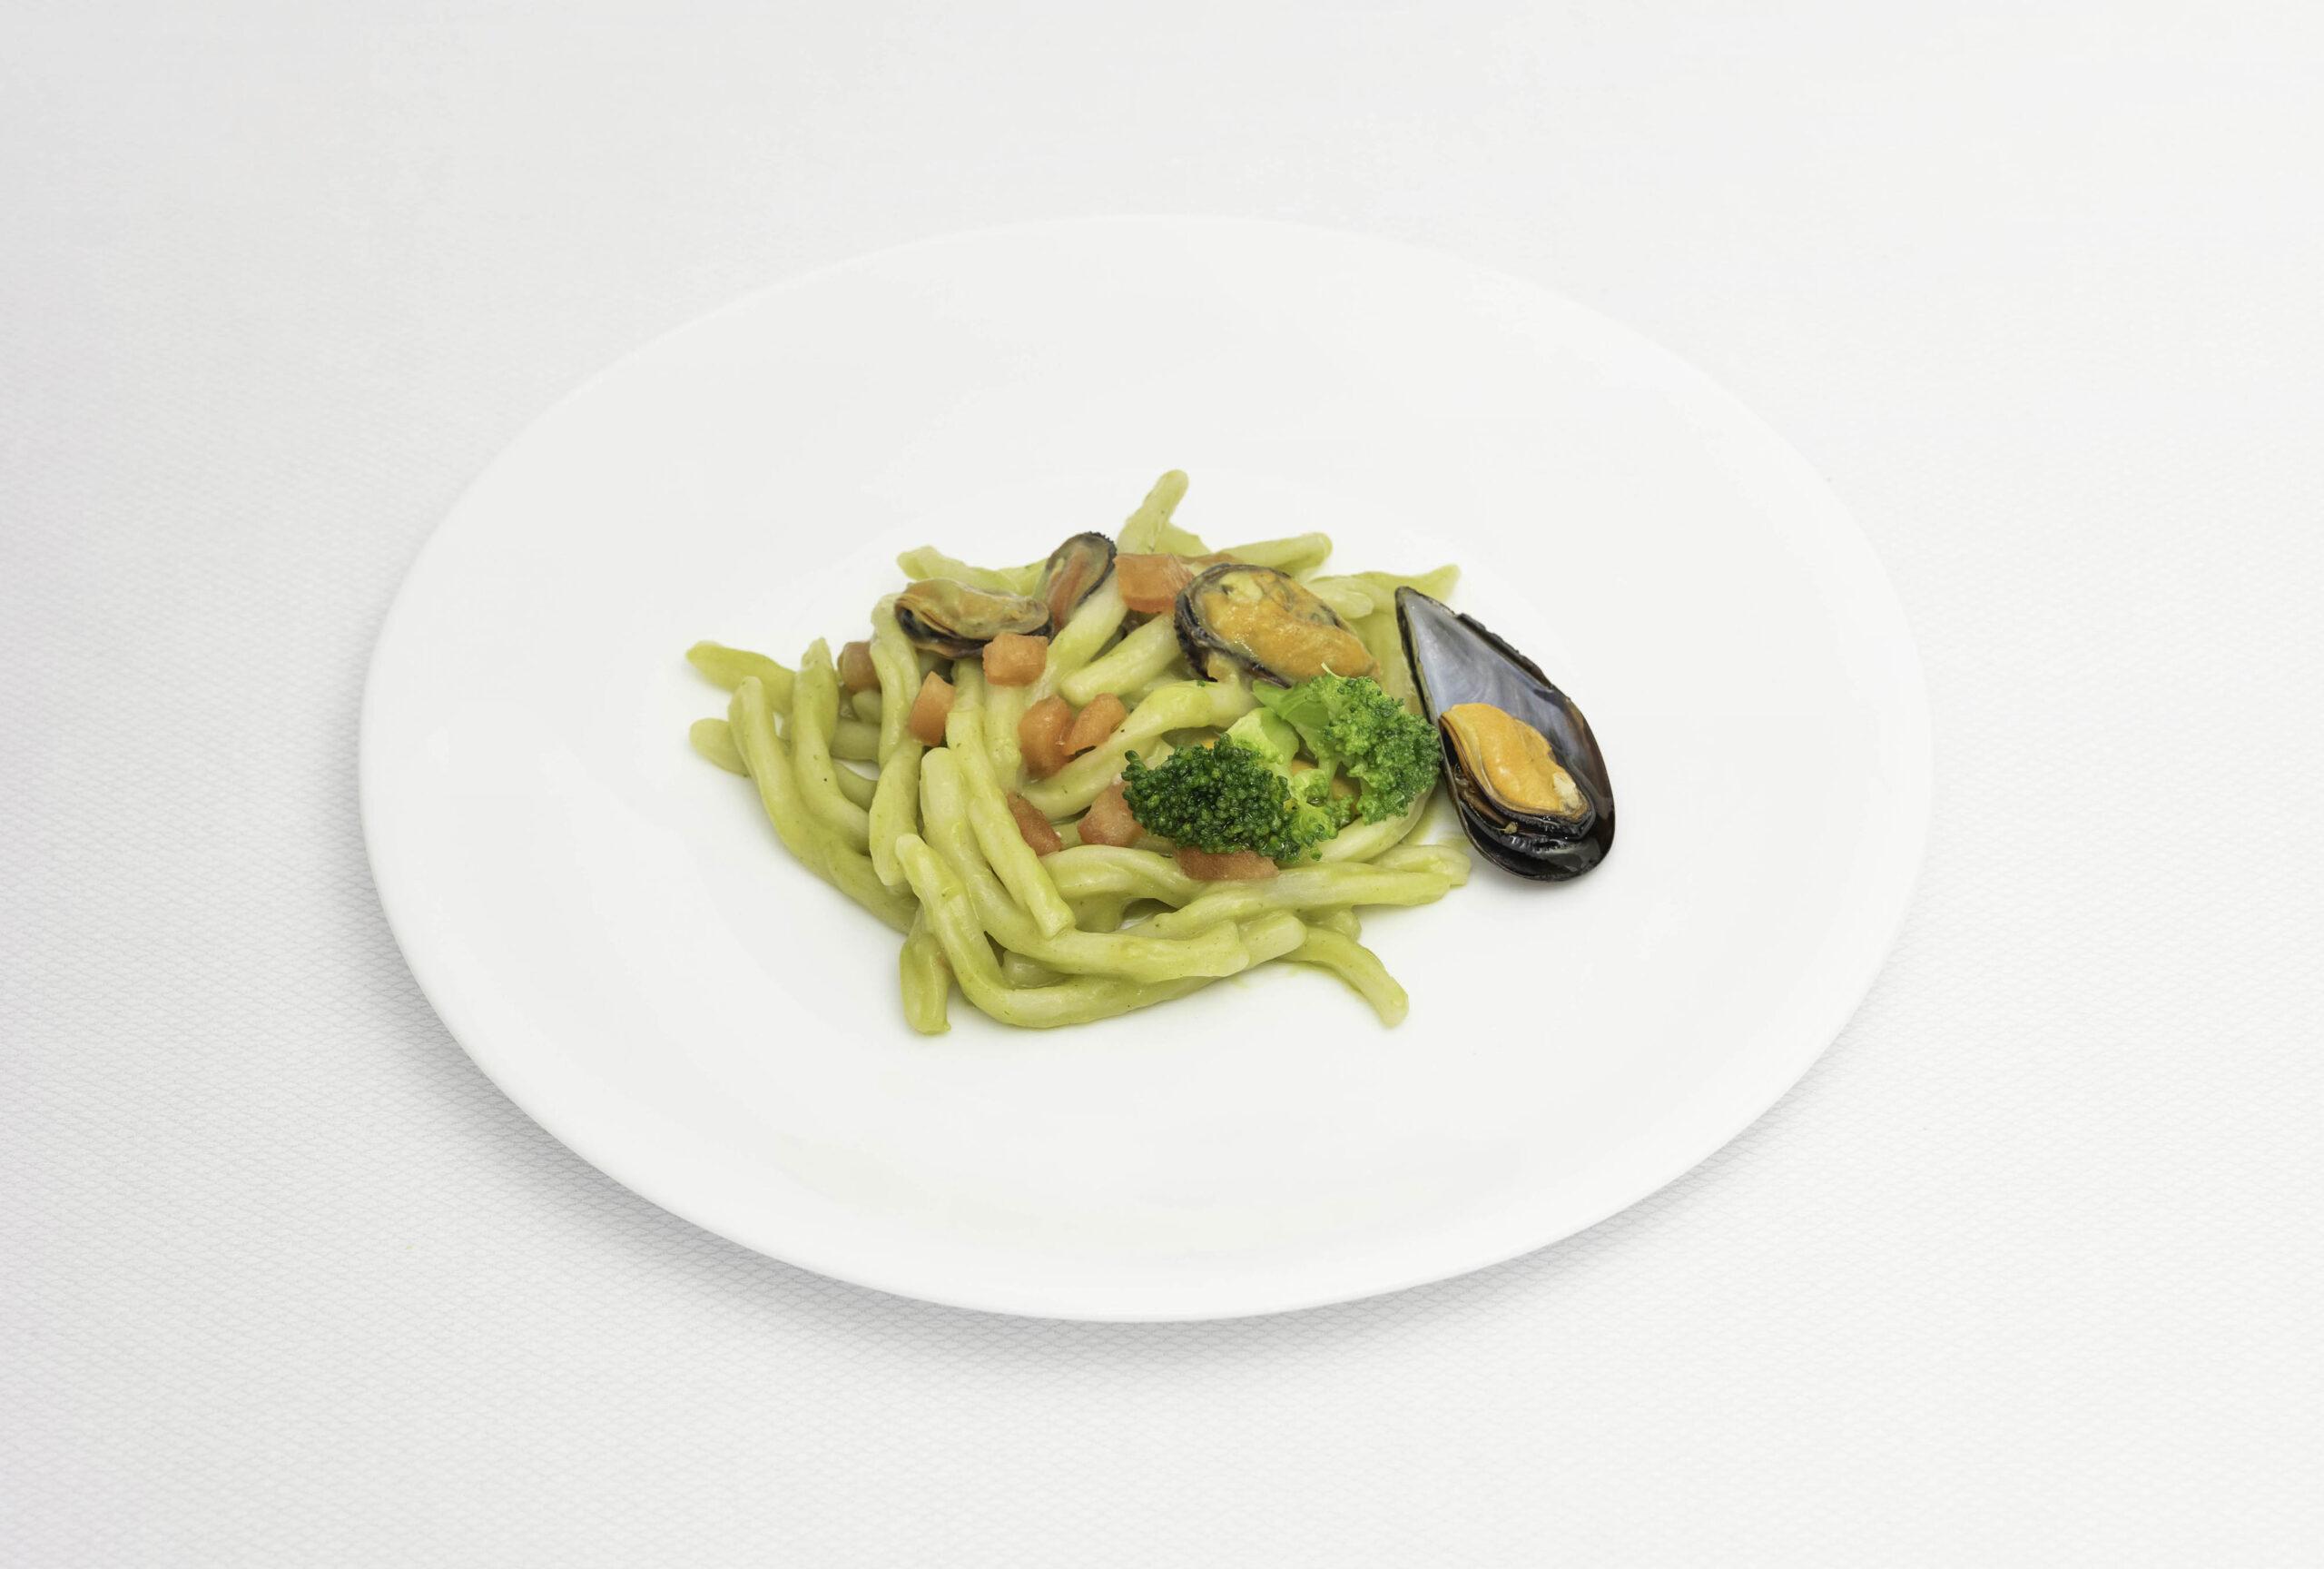 Pastifico-La-Fenice-pastificio-Cesenatico-pasta-fresca-pasta-surgelata-pasta-artigianale-Emilia-Romagna-strozzapreti-cozze-broccoli